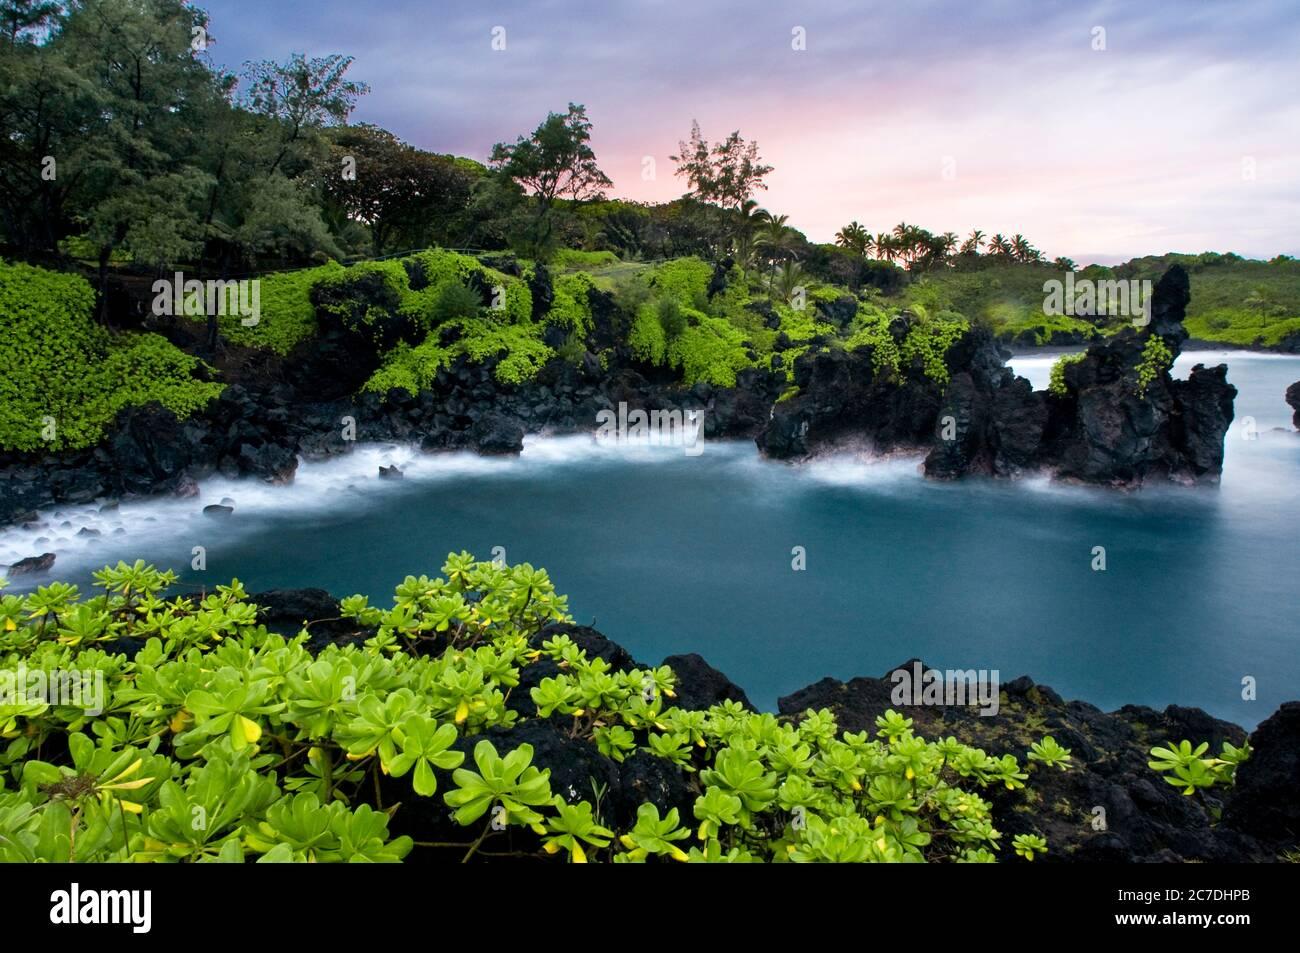 Parque Estatal Wai'anapanapa. Una ubicación frondosa con cuevas marinas y acantilados volcánicos. Autopista Hana. Maui. Hawai. Esta es una gran parada en el camino a Hana. B Foto de stock